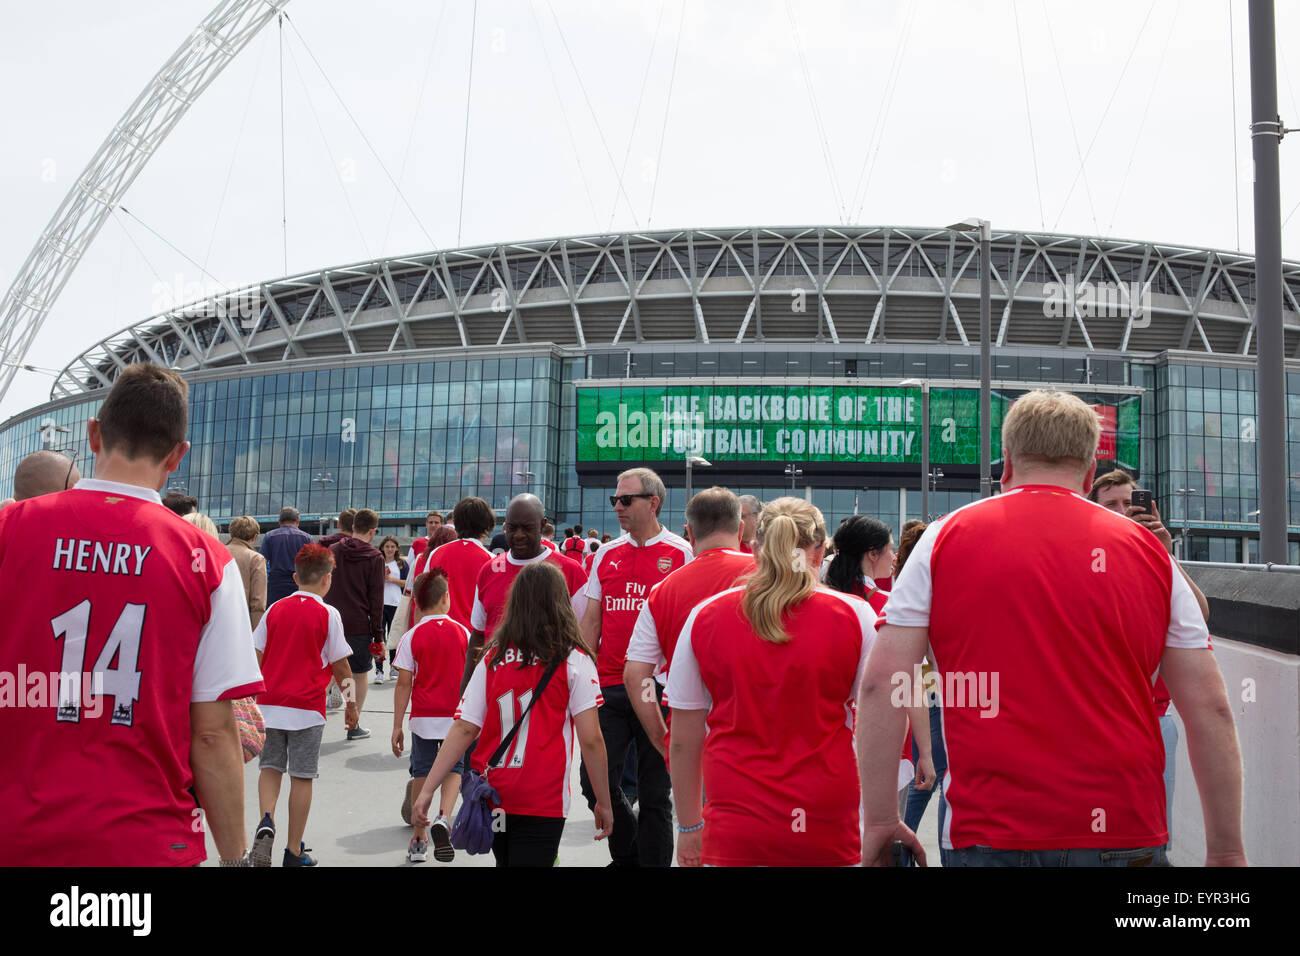 Les supporters de football Arsenal la position du stade de Wembley à regarder la communauté Shield 2015 Photo Stock